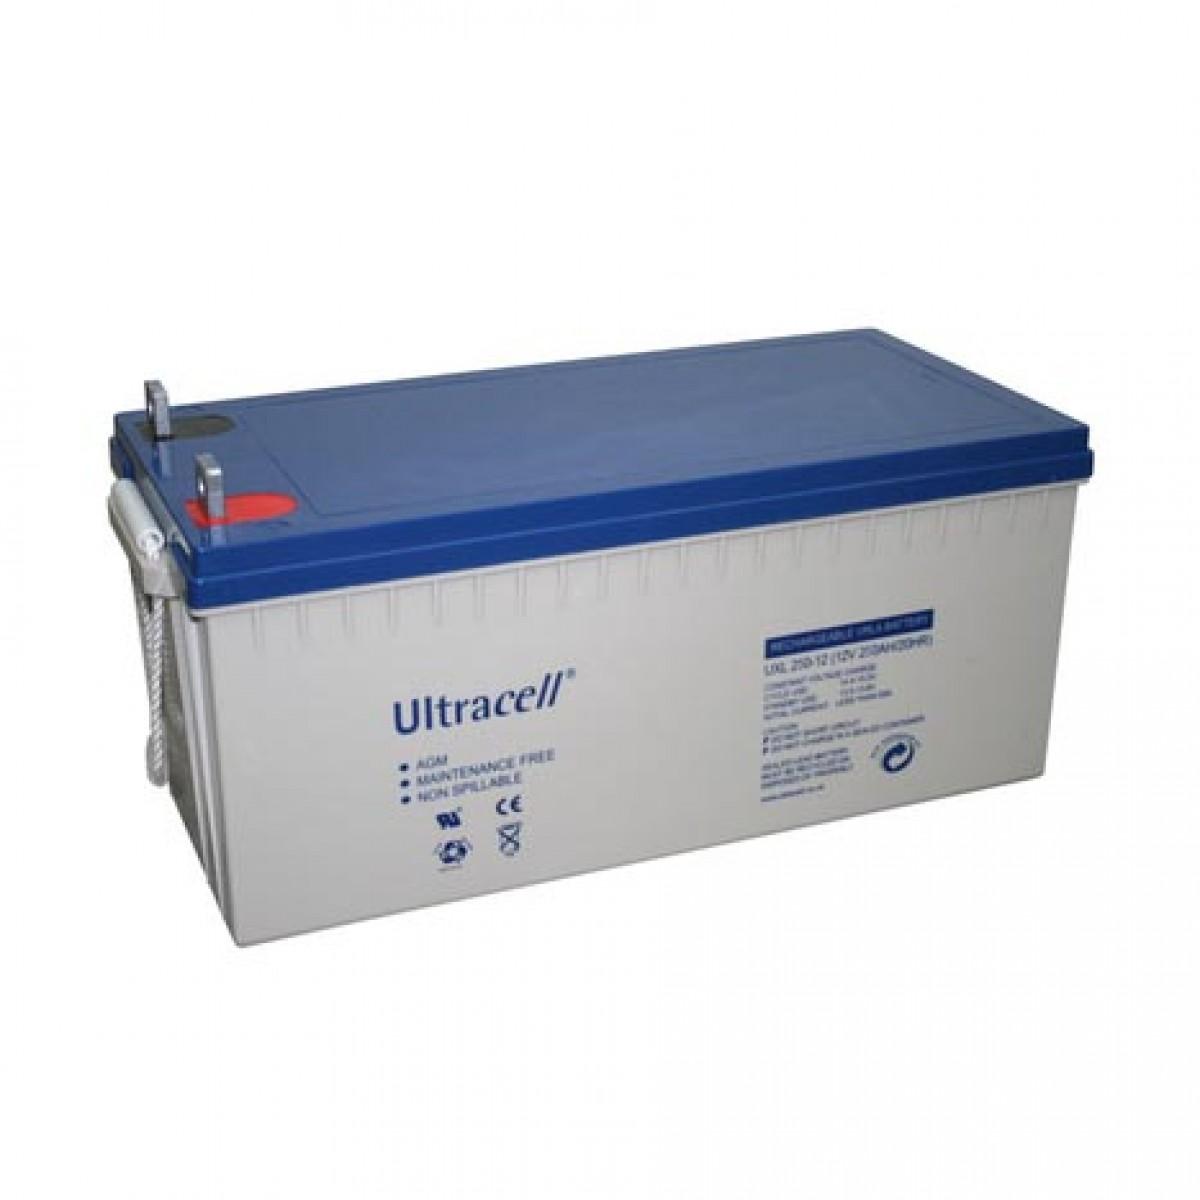 Μπαταρία ULTRACELL GEL UCG 12V - 200AH